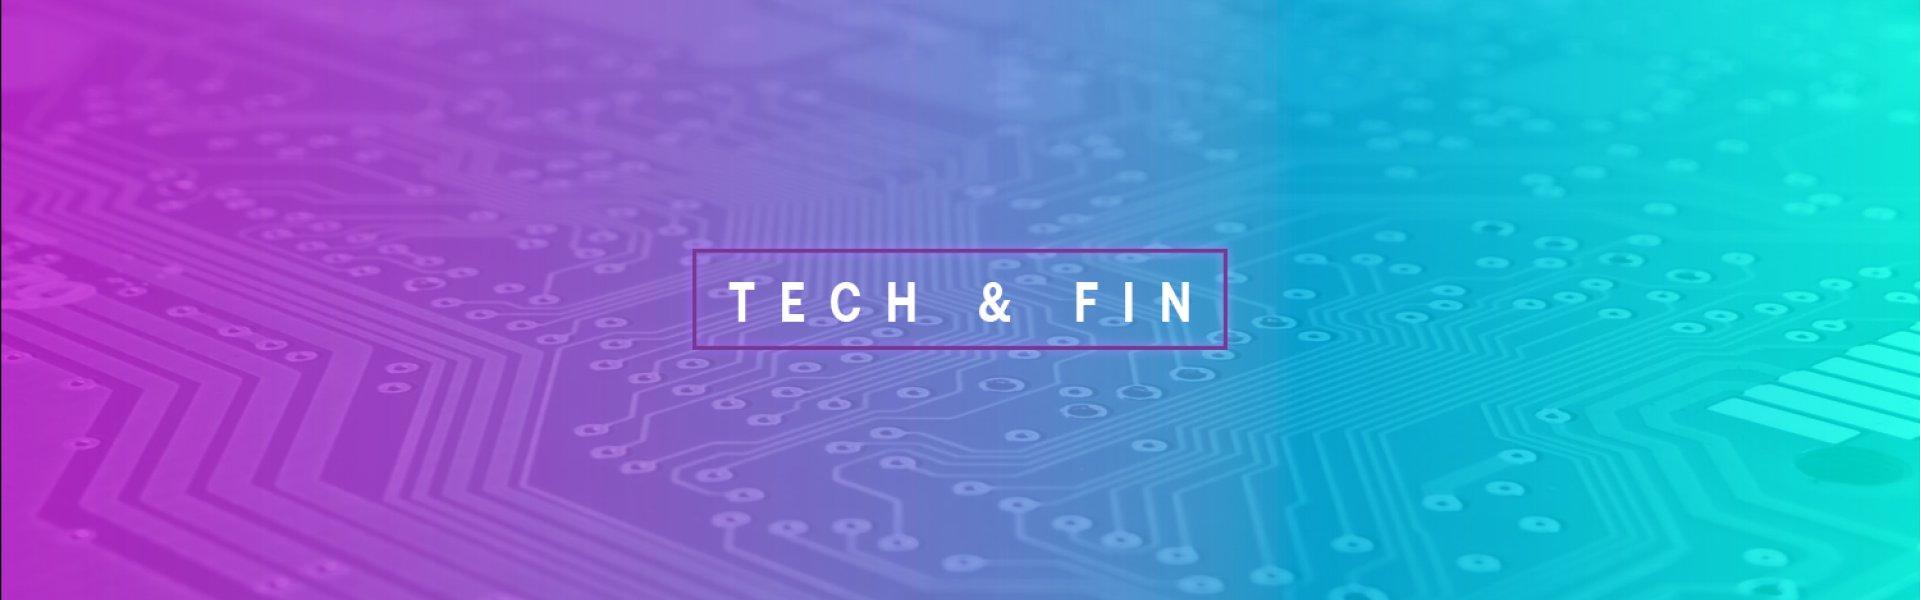 TECH & FIN